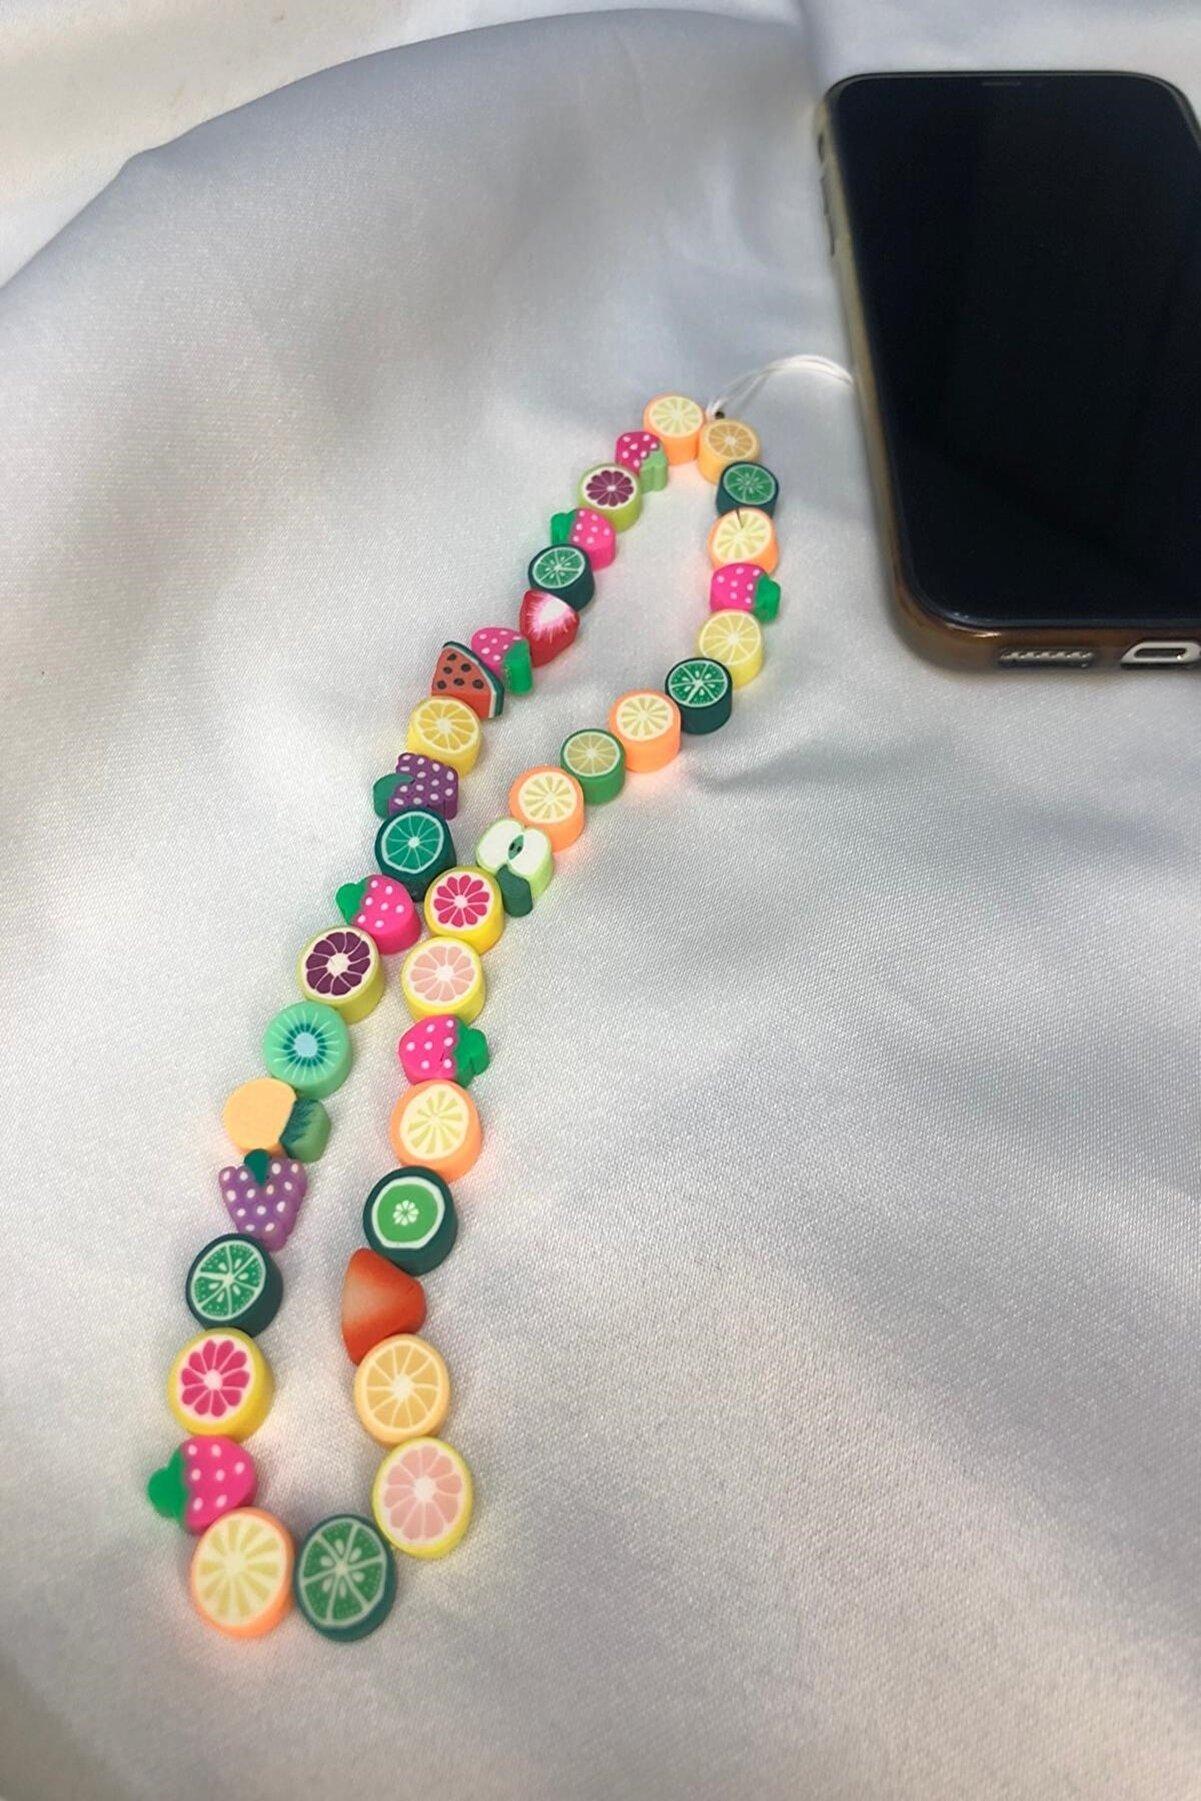 İsabella Accessories Renkli Boncuklu Telefon Askısı, Telefon Aksesuarı Karışık Meyveler Telefon Askısı - Phone Charms